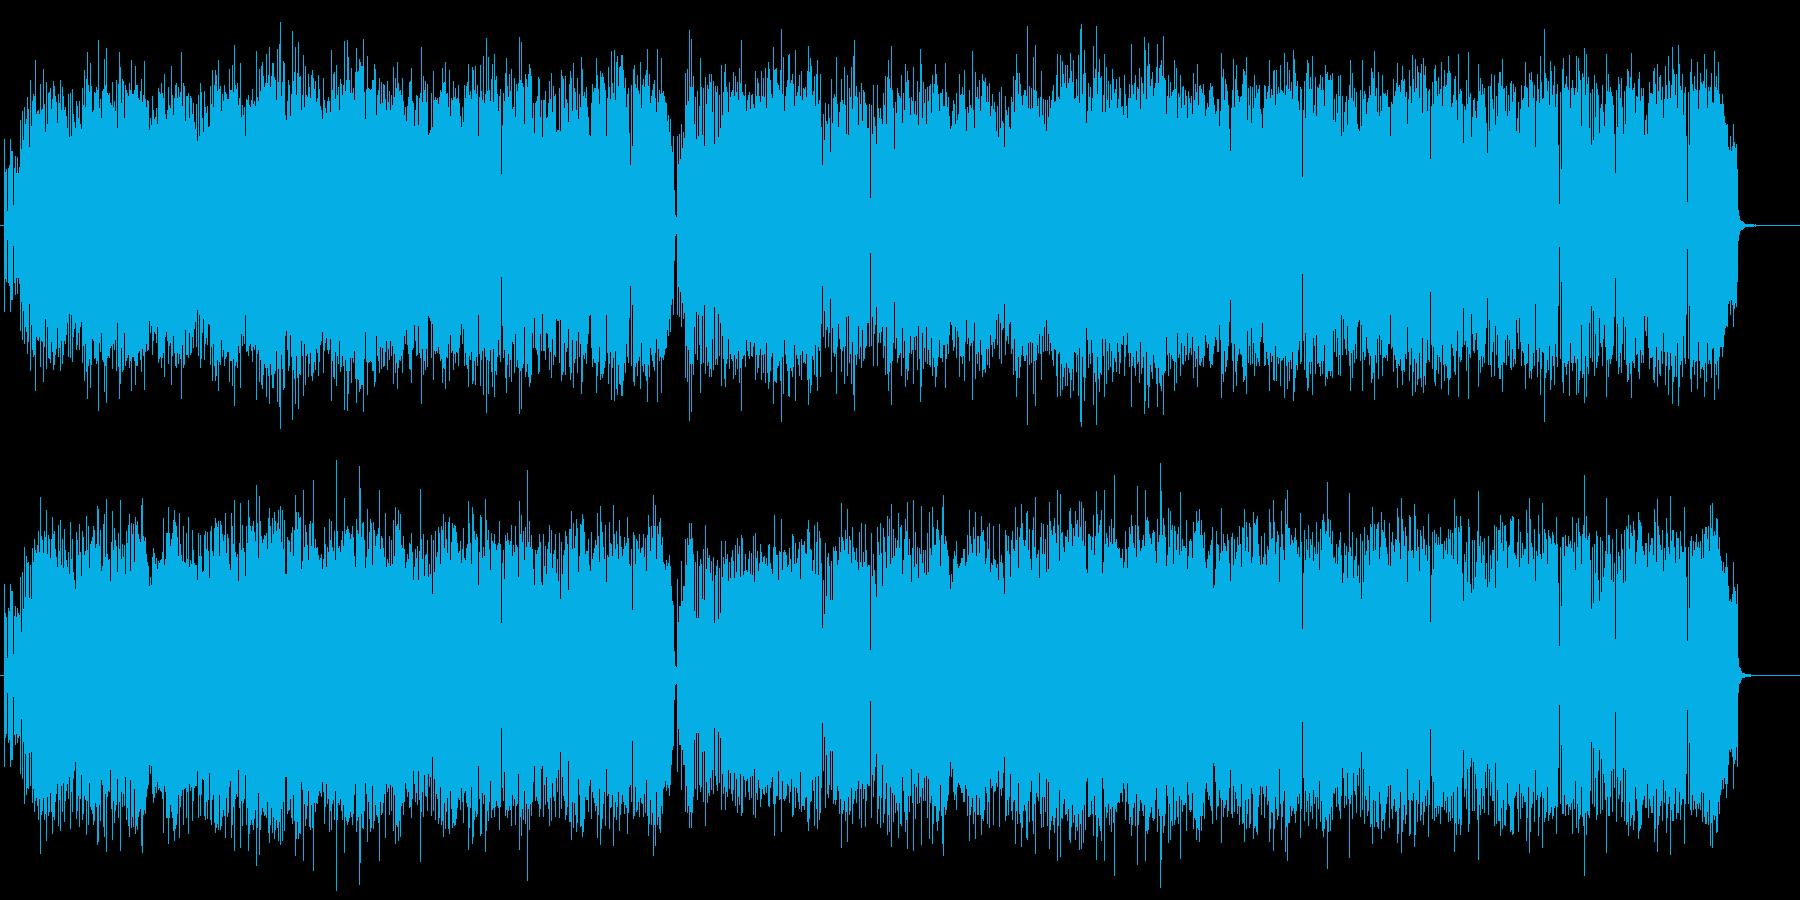 ブラスとピアノが中心の元気な曲。の再生済みの波形